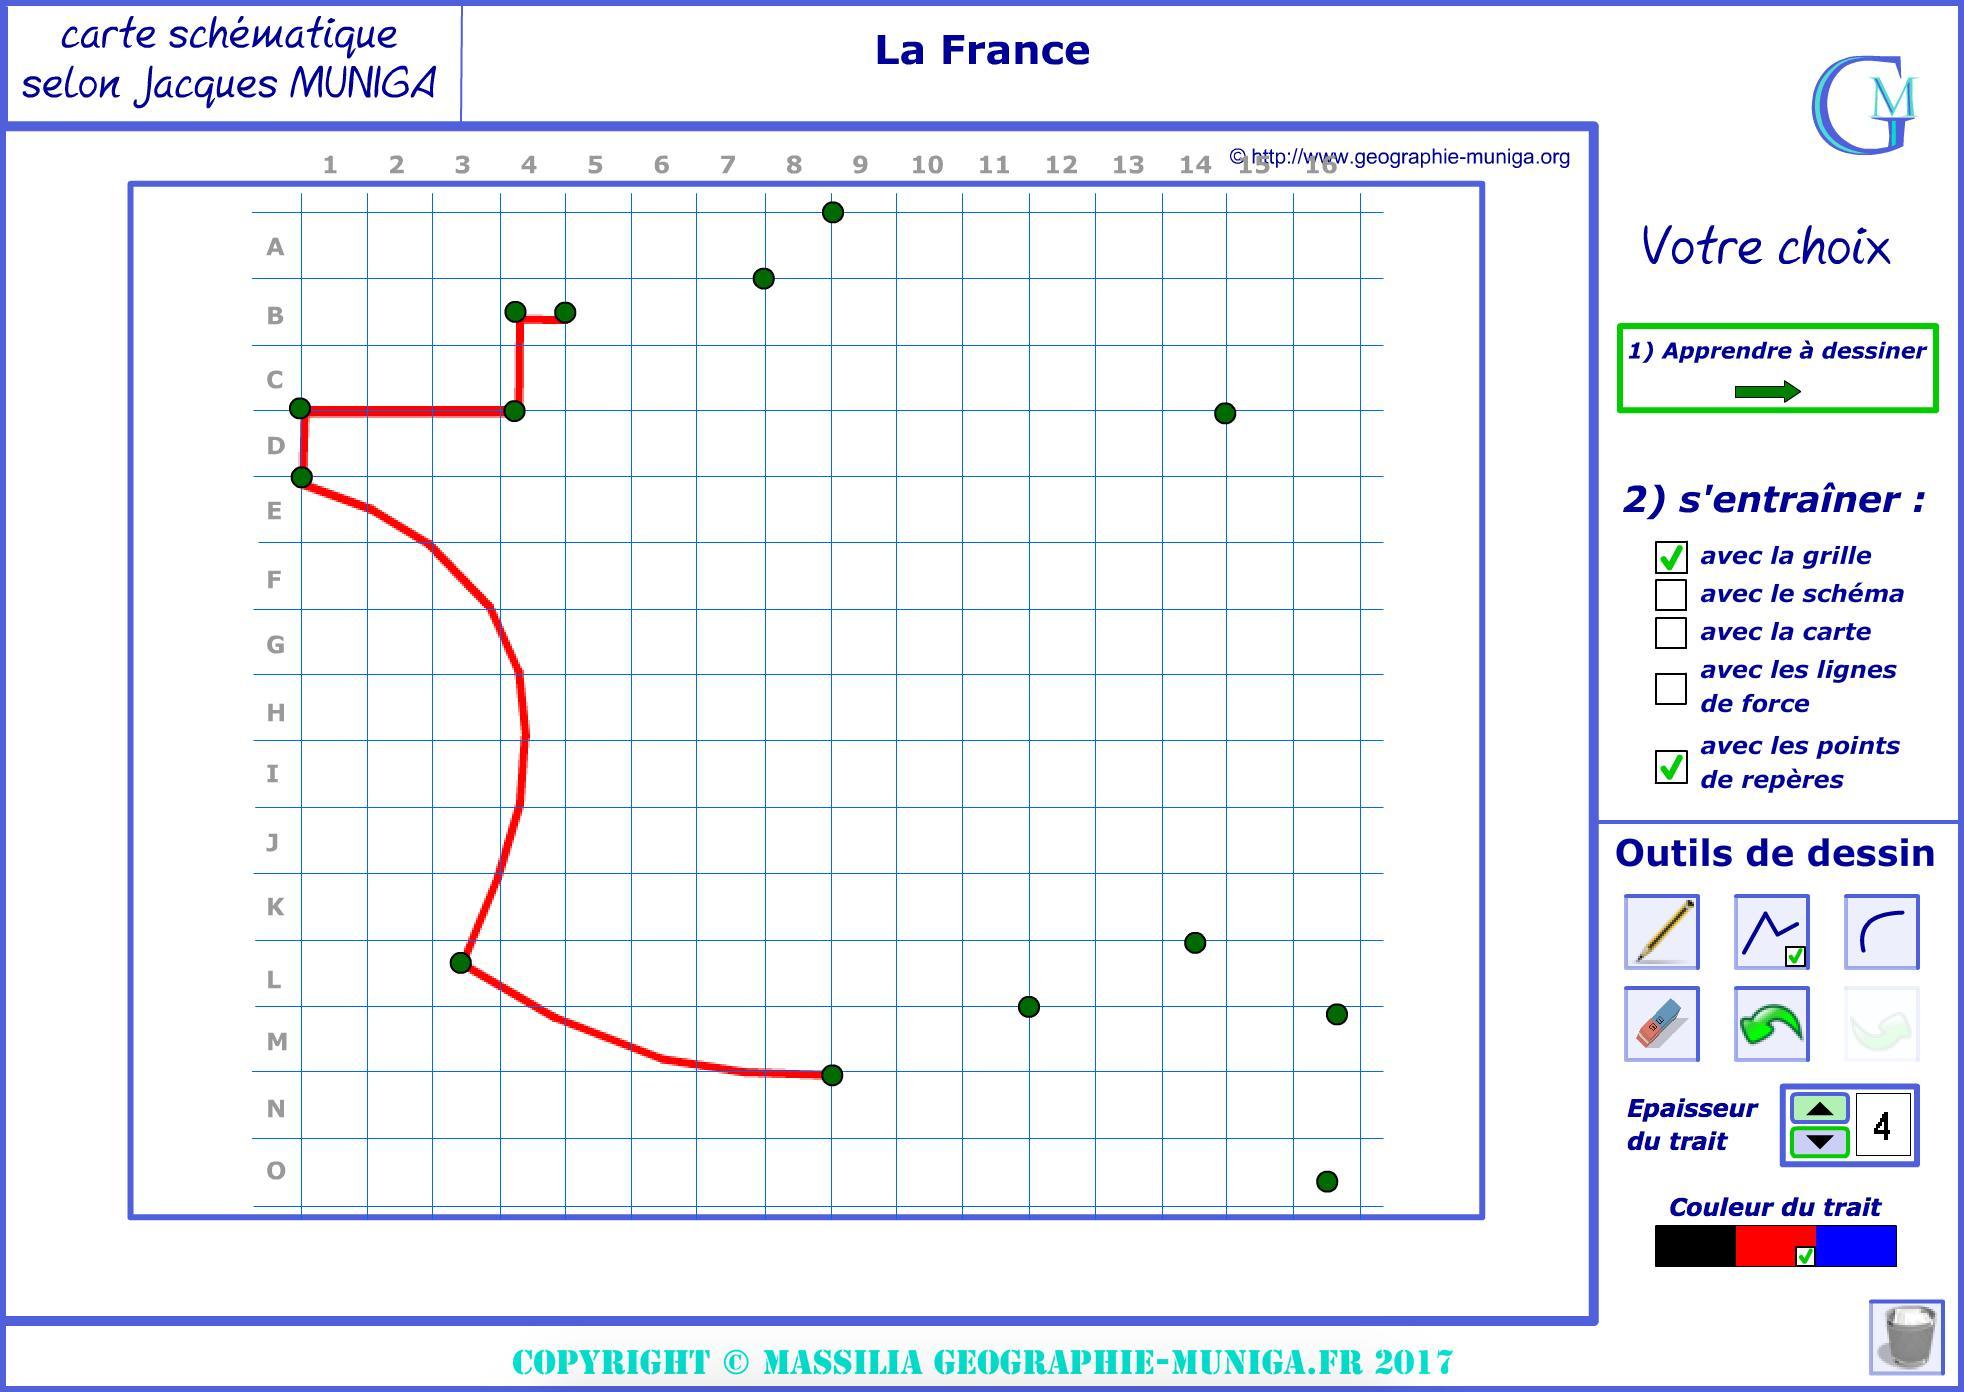 Android Için Je Dessine La France - Apk'yı İndir avec Dessin De Carte De France